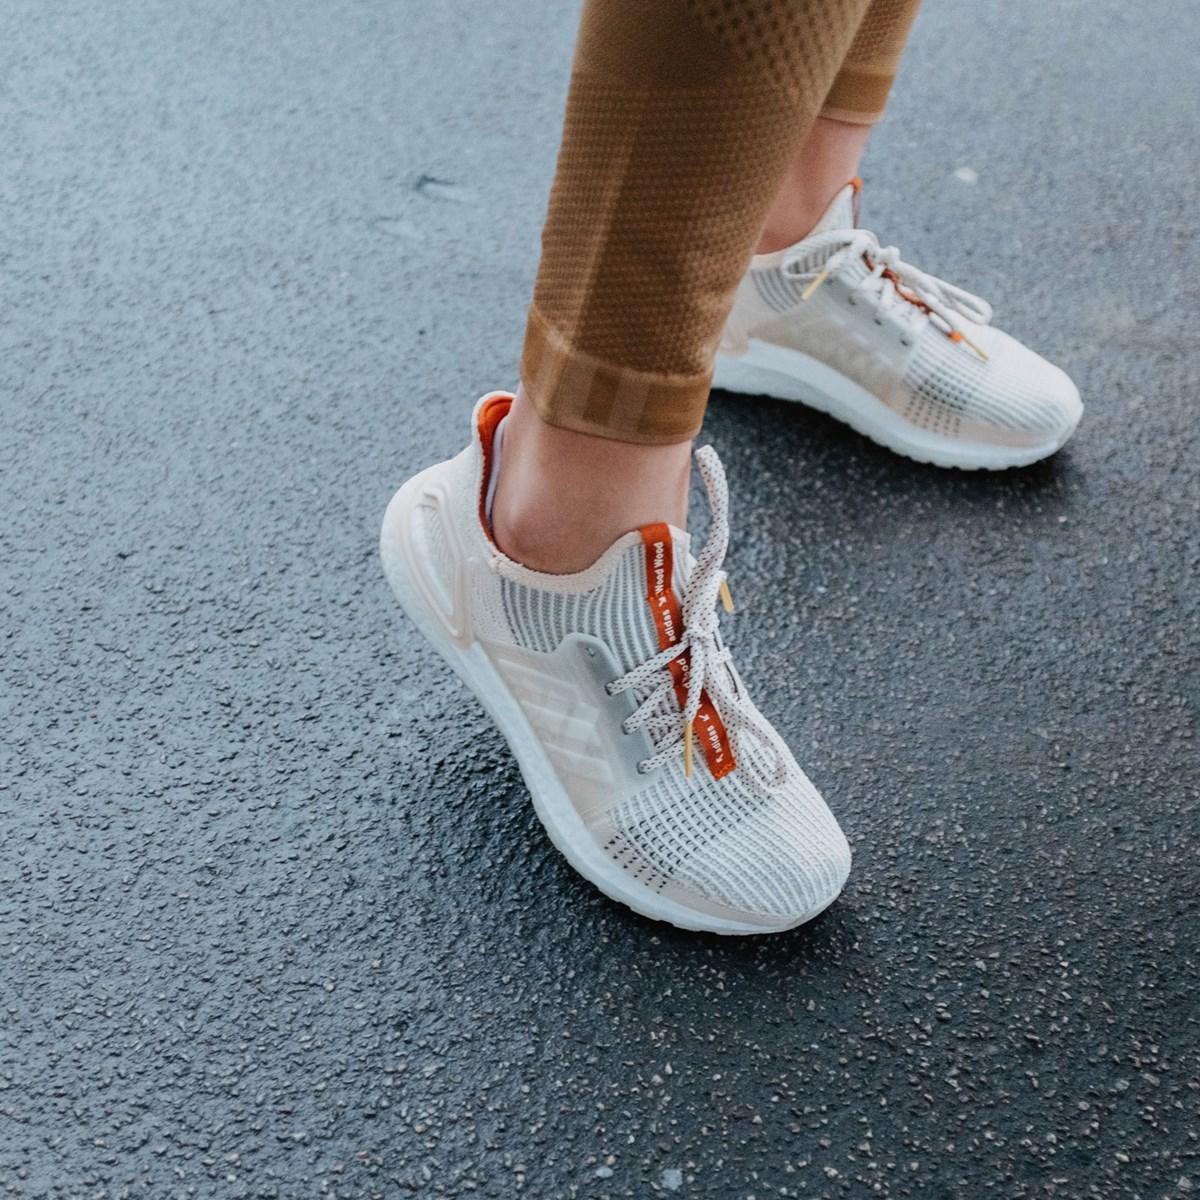 adidas Ultraboost 19 x Wood Wood - Eg1727 - Sneakersnstuff   sneakers & streetwear online since 1999